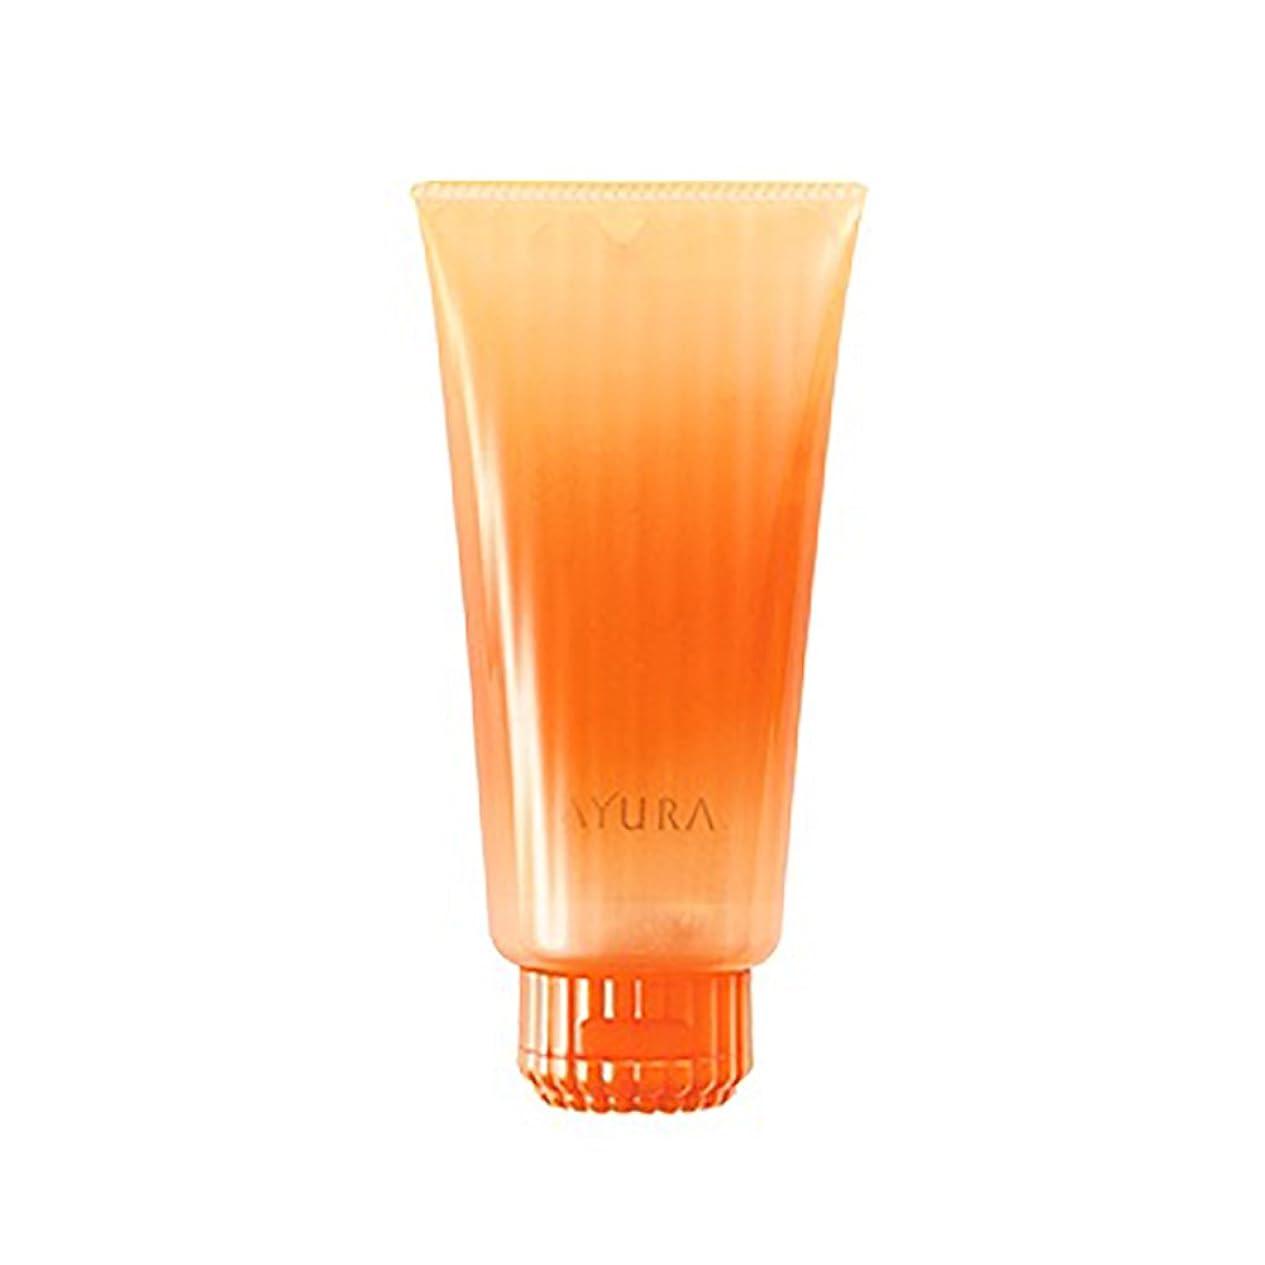 理解却下する捧げるアユーラ (AYURA) ビカッサ リバランスボディー180g 〈ボディー用 マッサージ美容液〉 洗い流しタイプ 温感ジェル